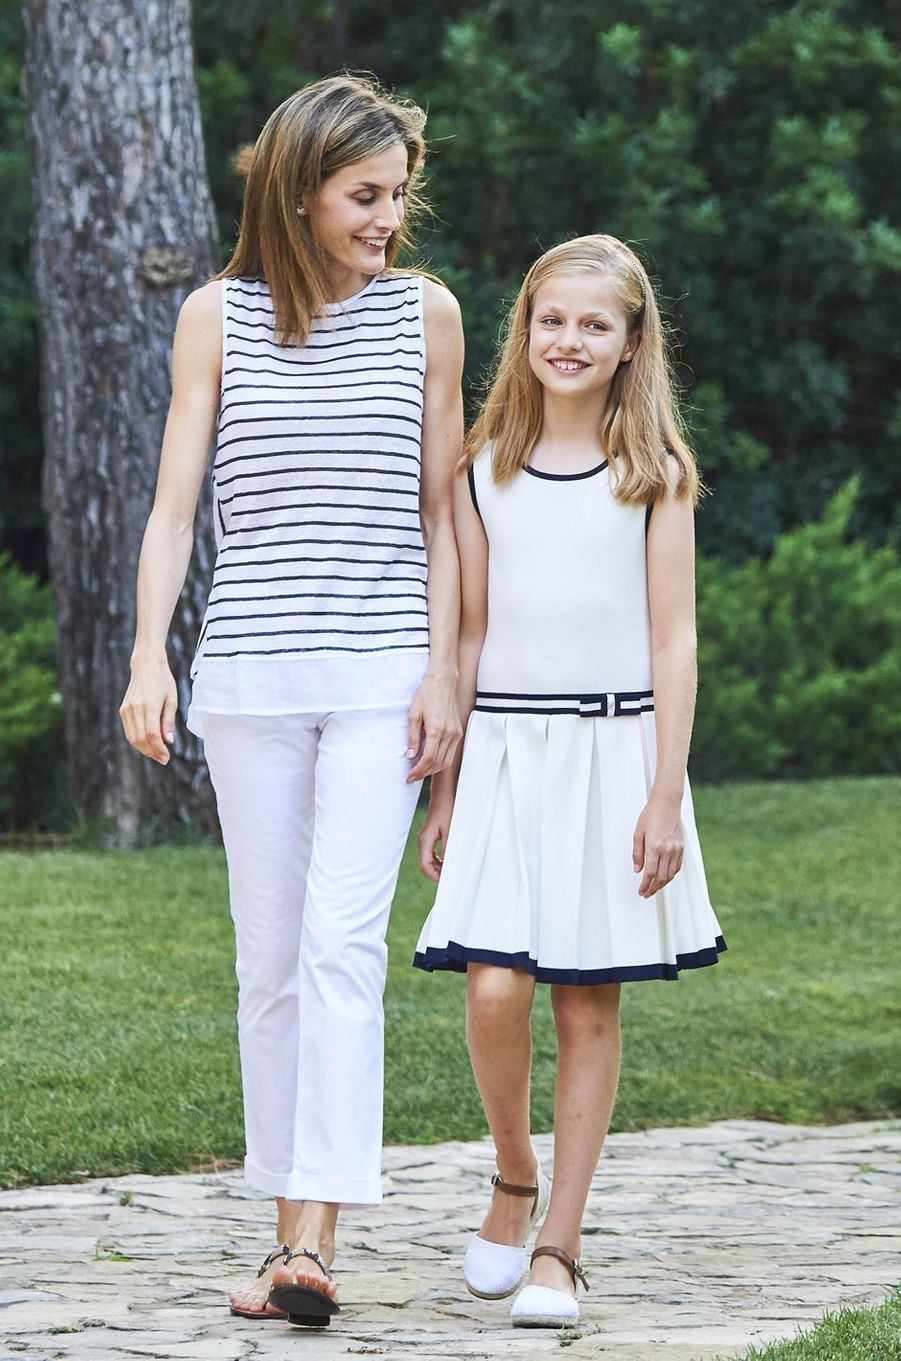 La reine Letizia d'Espagne avec la princesse Leonor à Palma de Majorque, le 4 août 2016